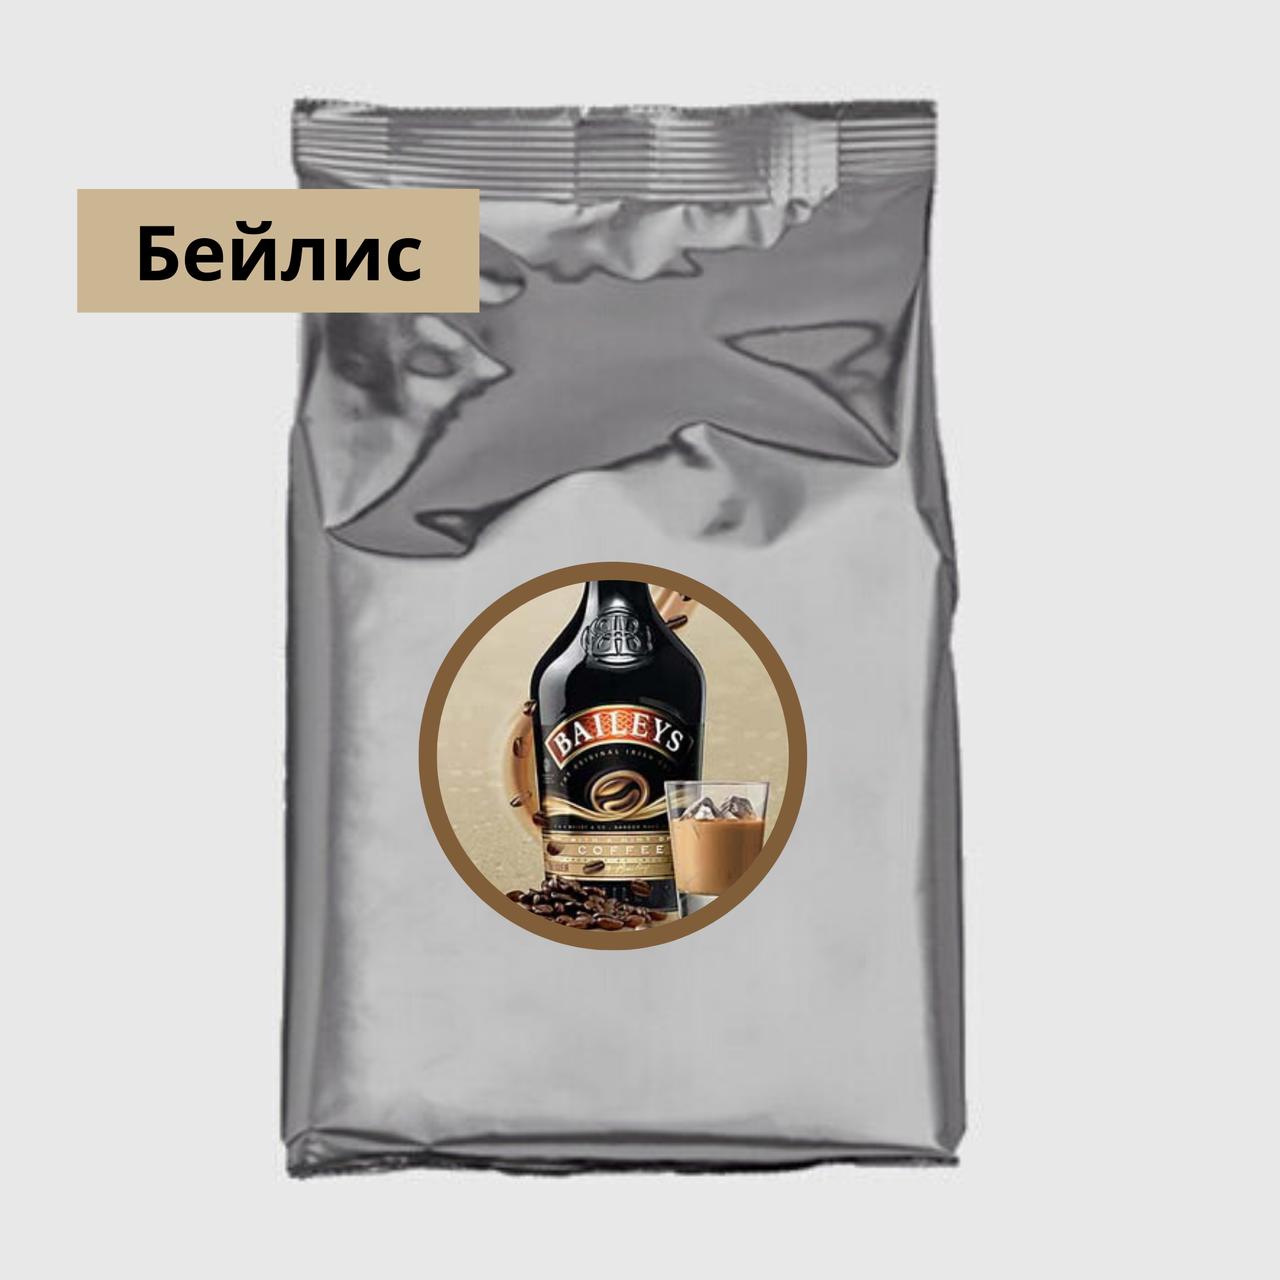 Бейлис ароматизированный растворимый кофе